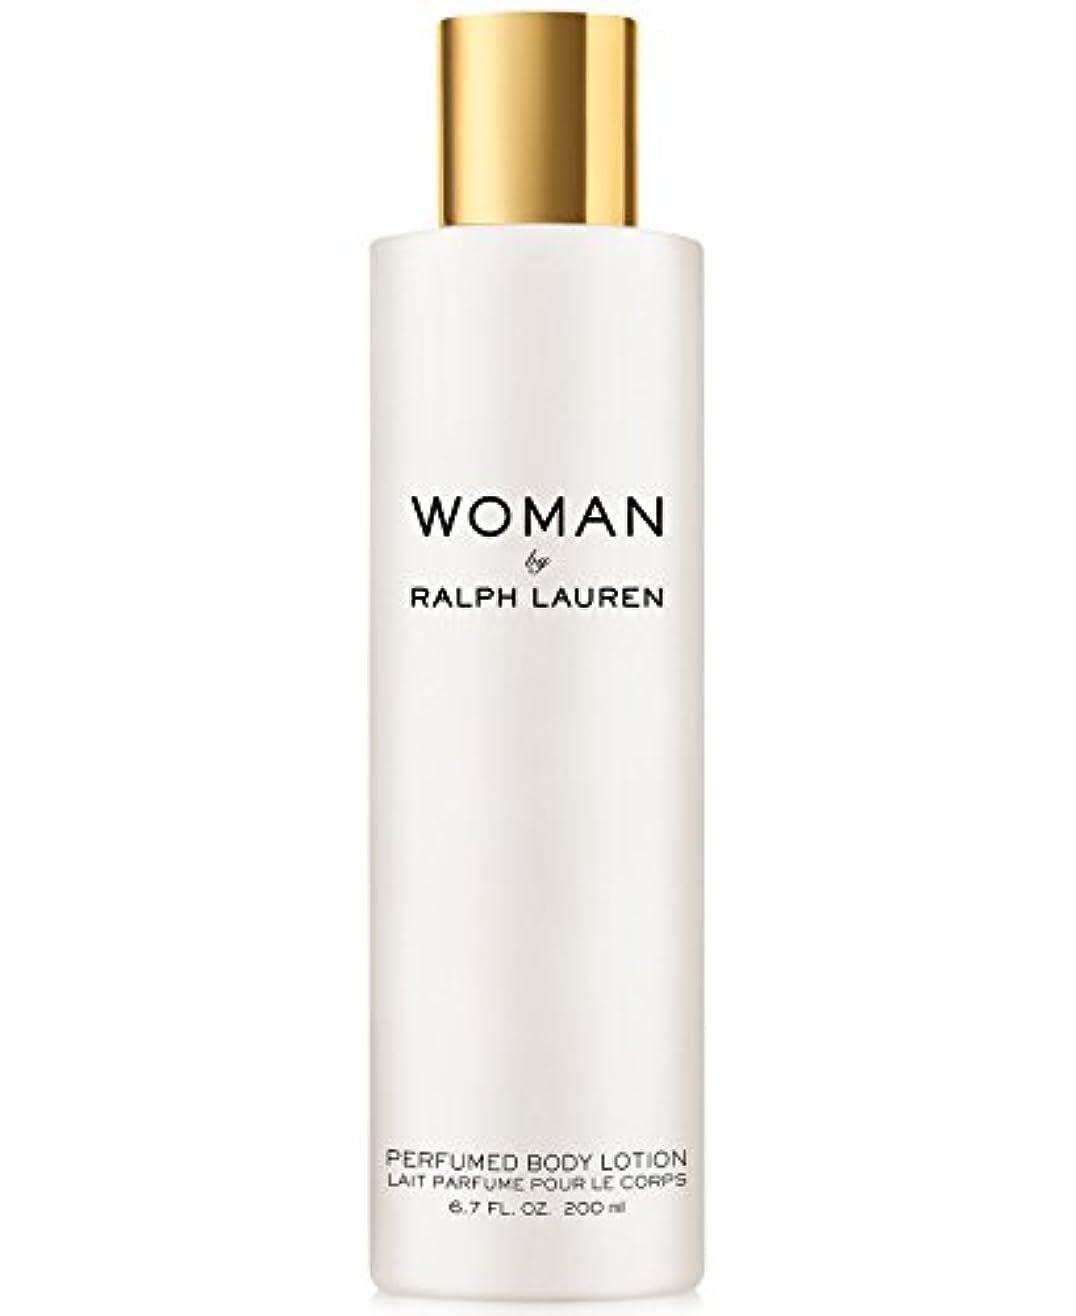 賠償拡大するサイクロプスWoman (ウーマン) 6.7 oz (200ml) Perfumed Body Lotion(ラルフ ローレン)